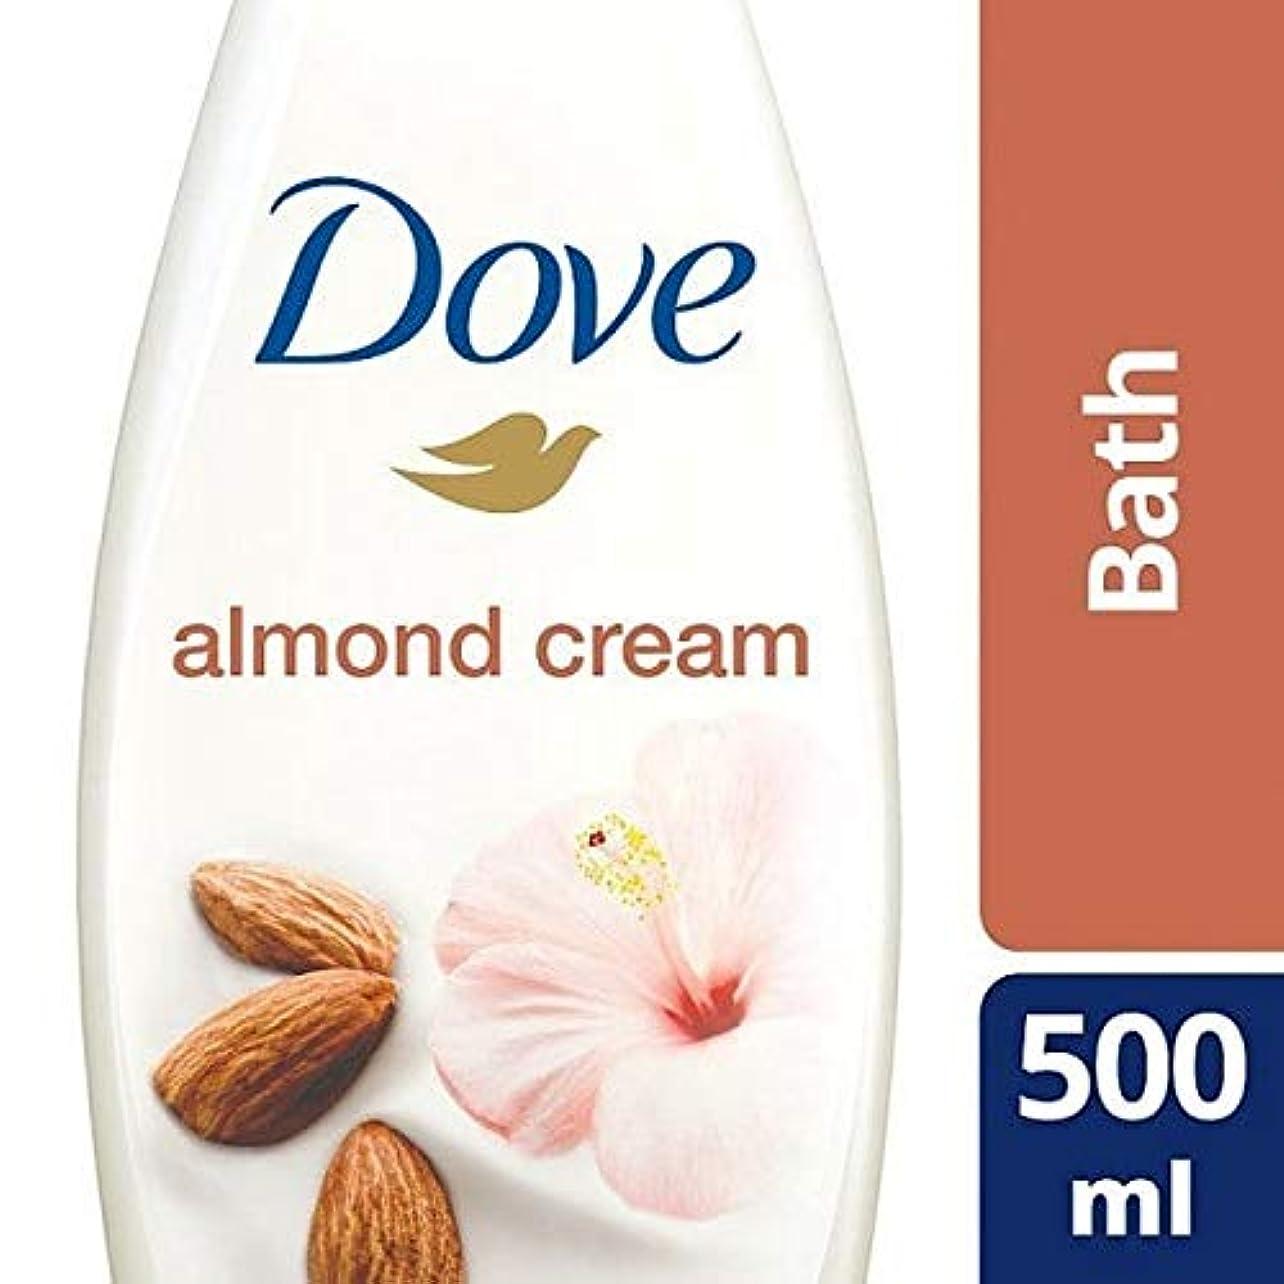 月曜オセアニア海峡ひも[Dove ] 純粋なアーモンド思いやりのあるクリームバスの500ミリリットルを甘やかす鳩 - Dove Purely Pampering Almond Caring Cream Bath 500ml [並行輸入品]